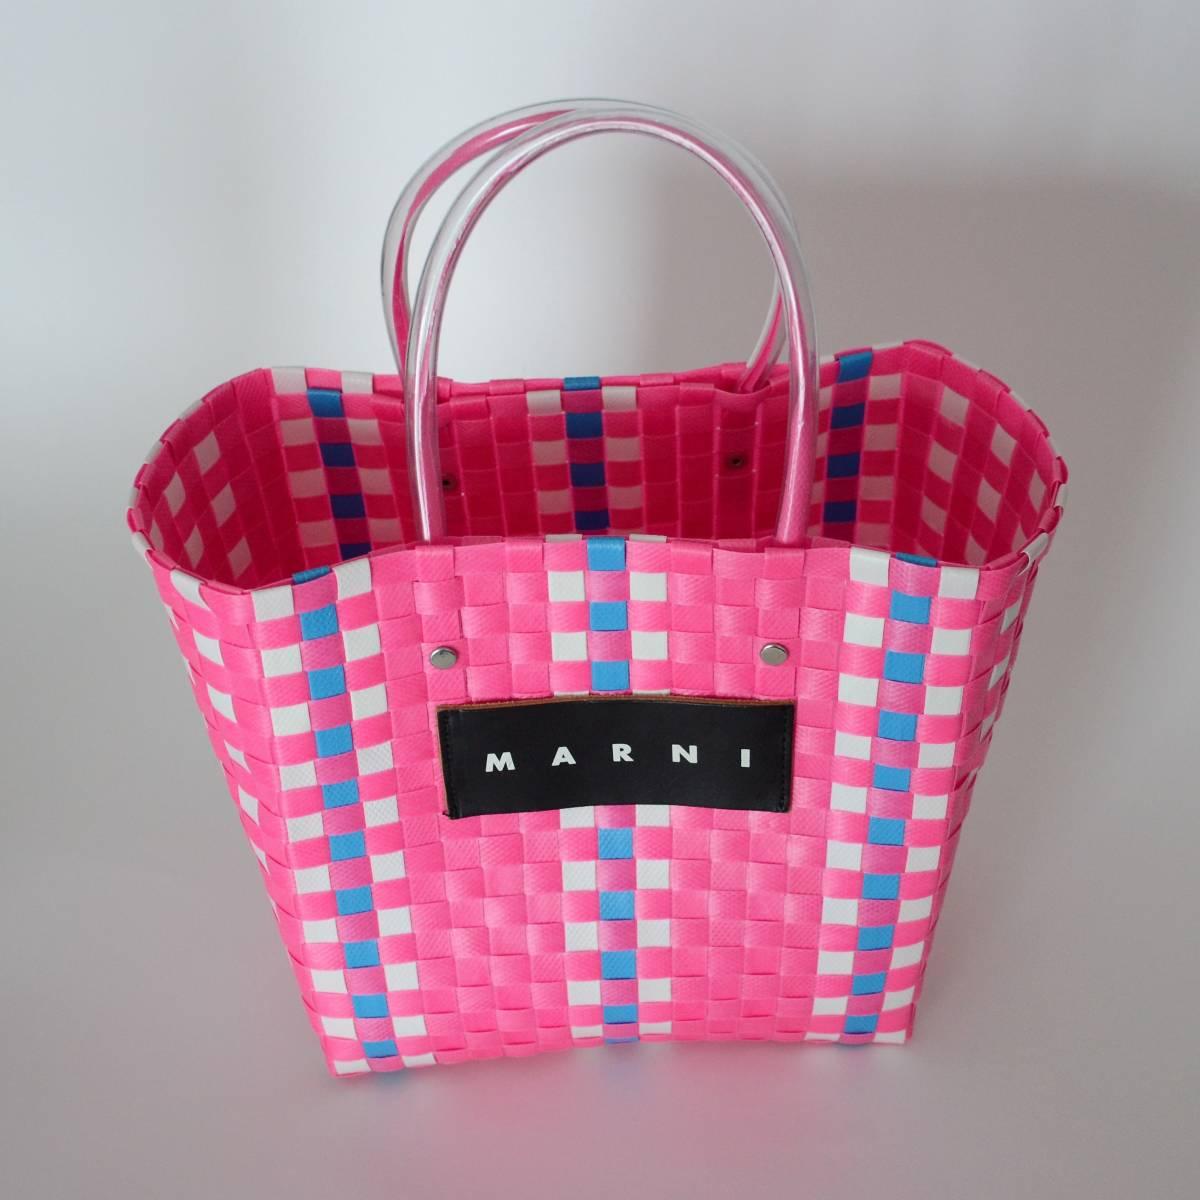 【マルニマーケット】 未使用 ピクニックバッグ ピンク ミニサイズ スクエアショッピングバック/かご/かばん 阪急うめだ本店で購入 MARNI